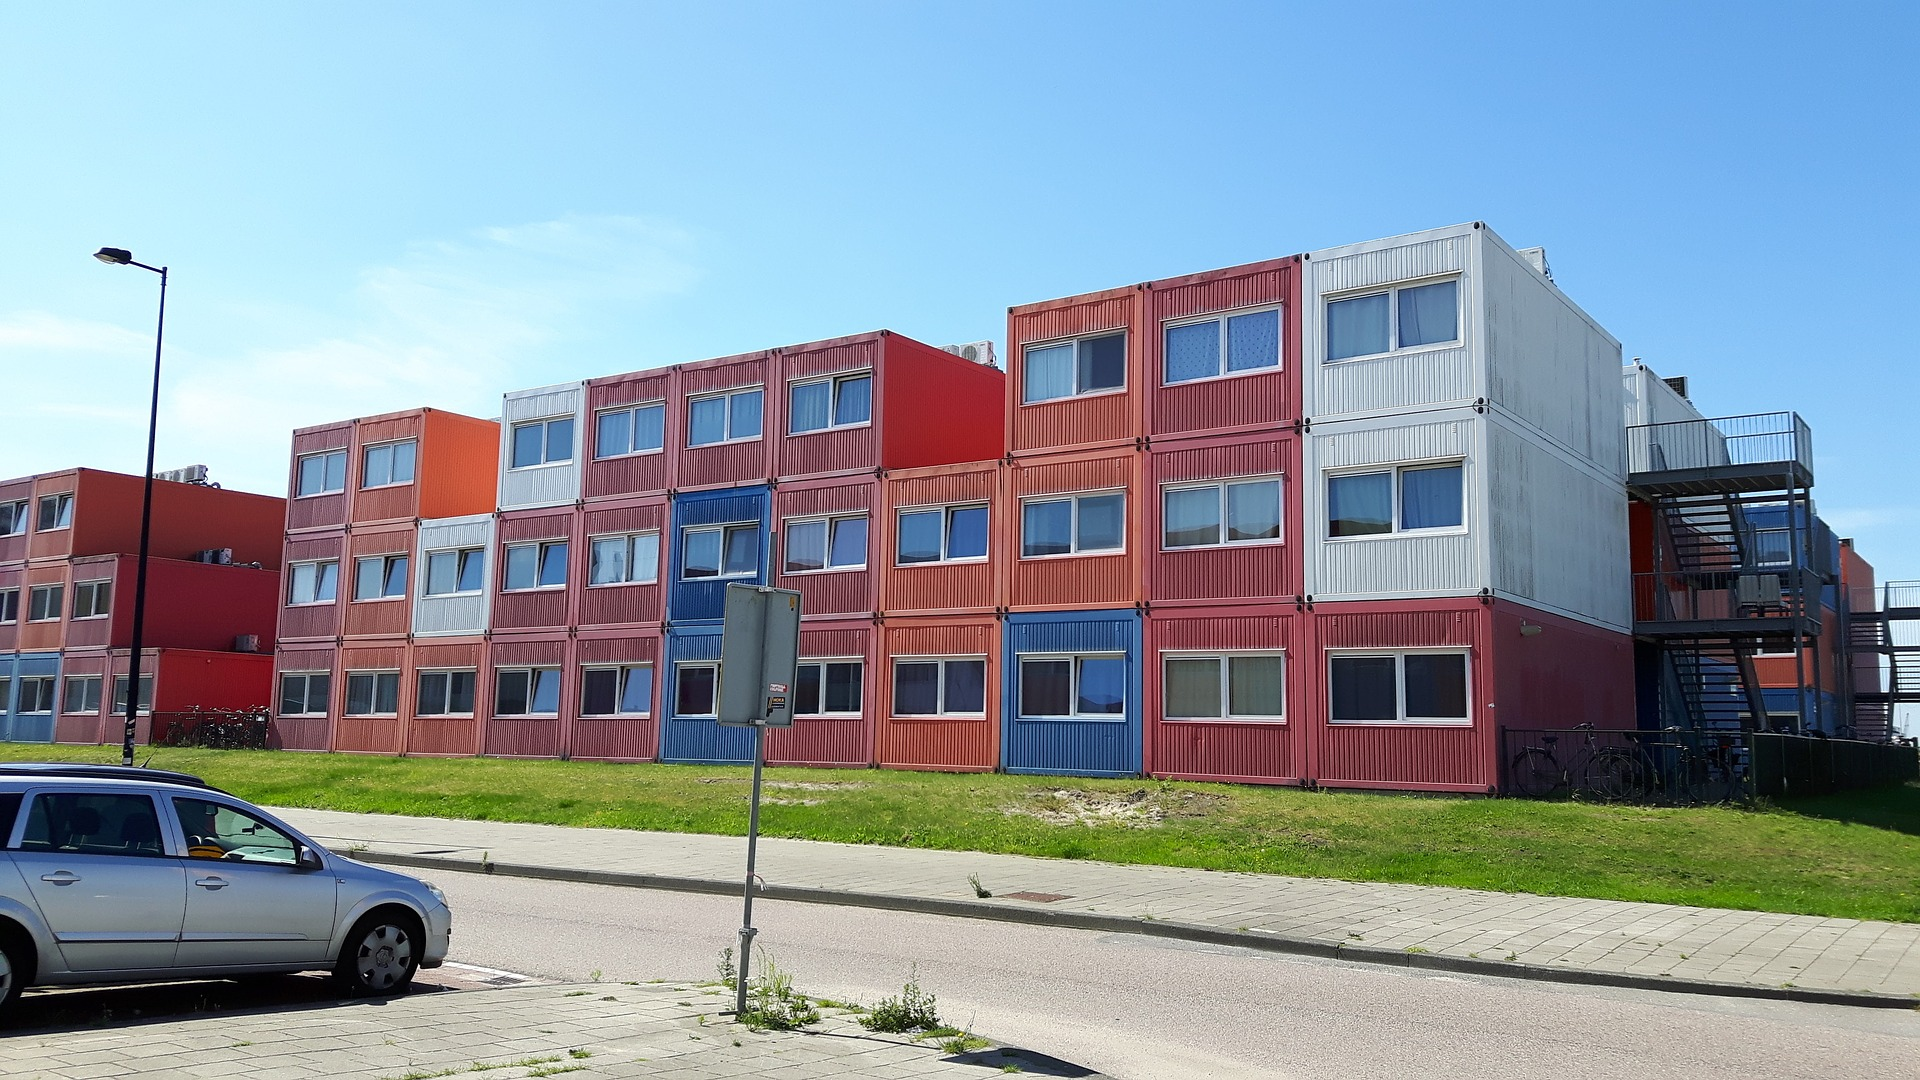 Logements étudiants construits en container aux Pays-Bas.